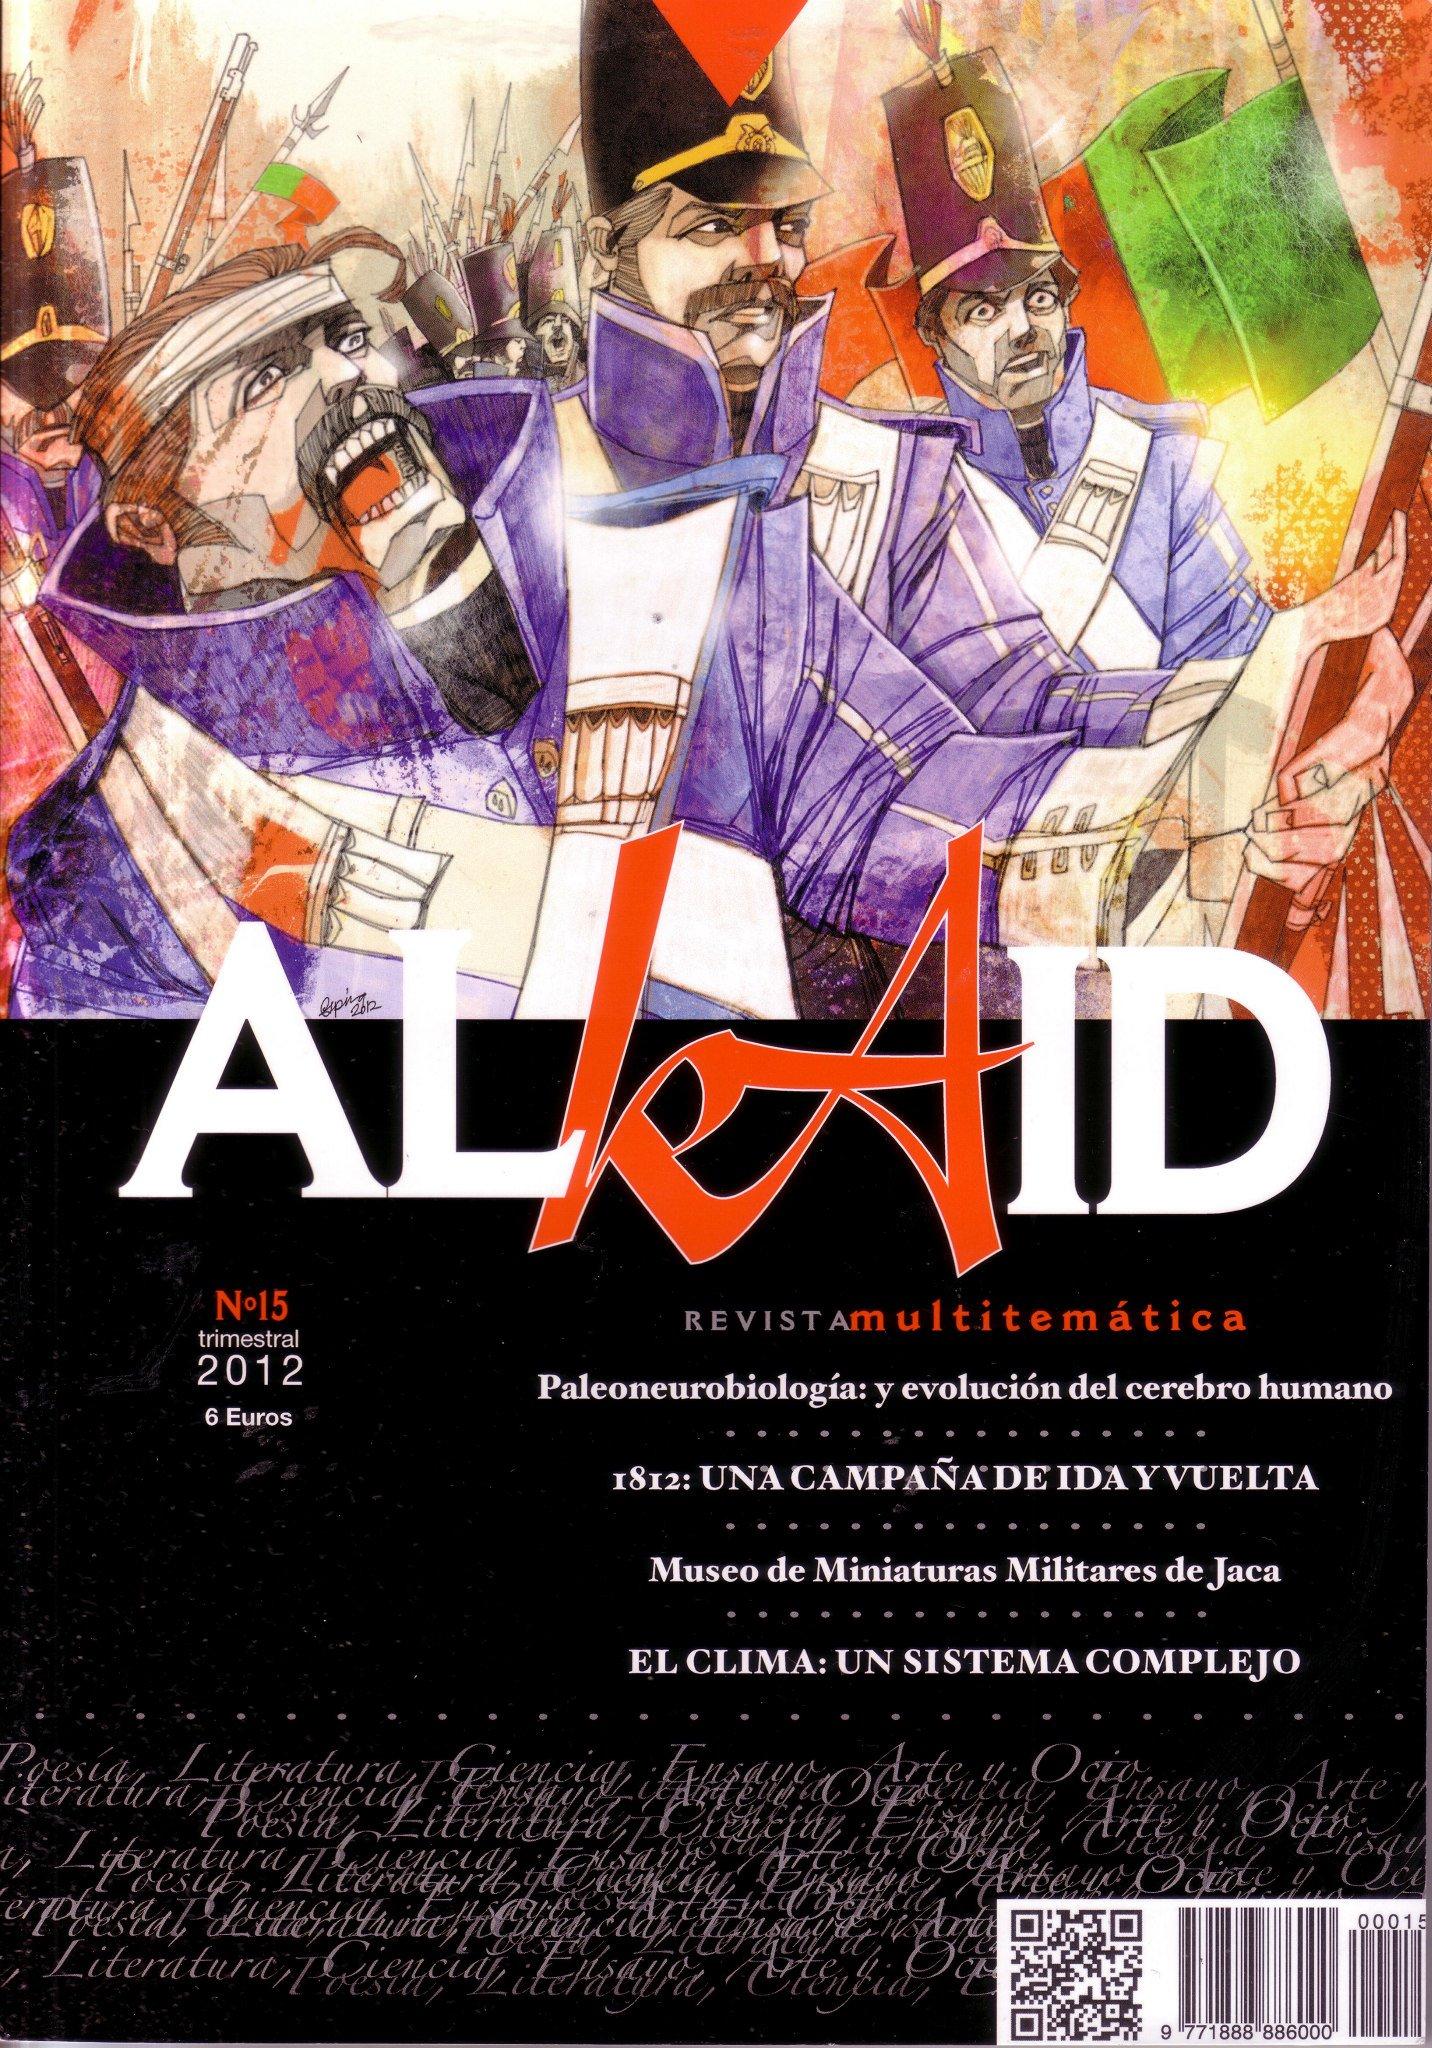 ALKAID - Otras publicaciones